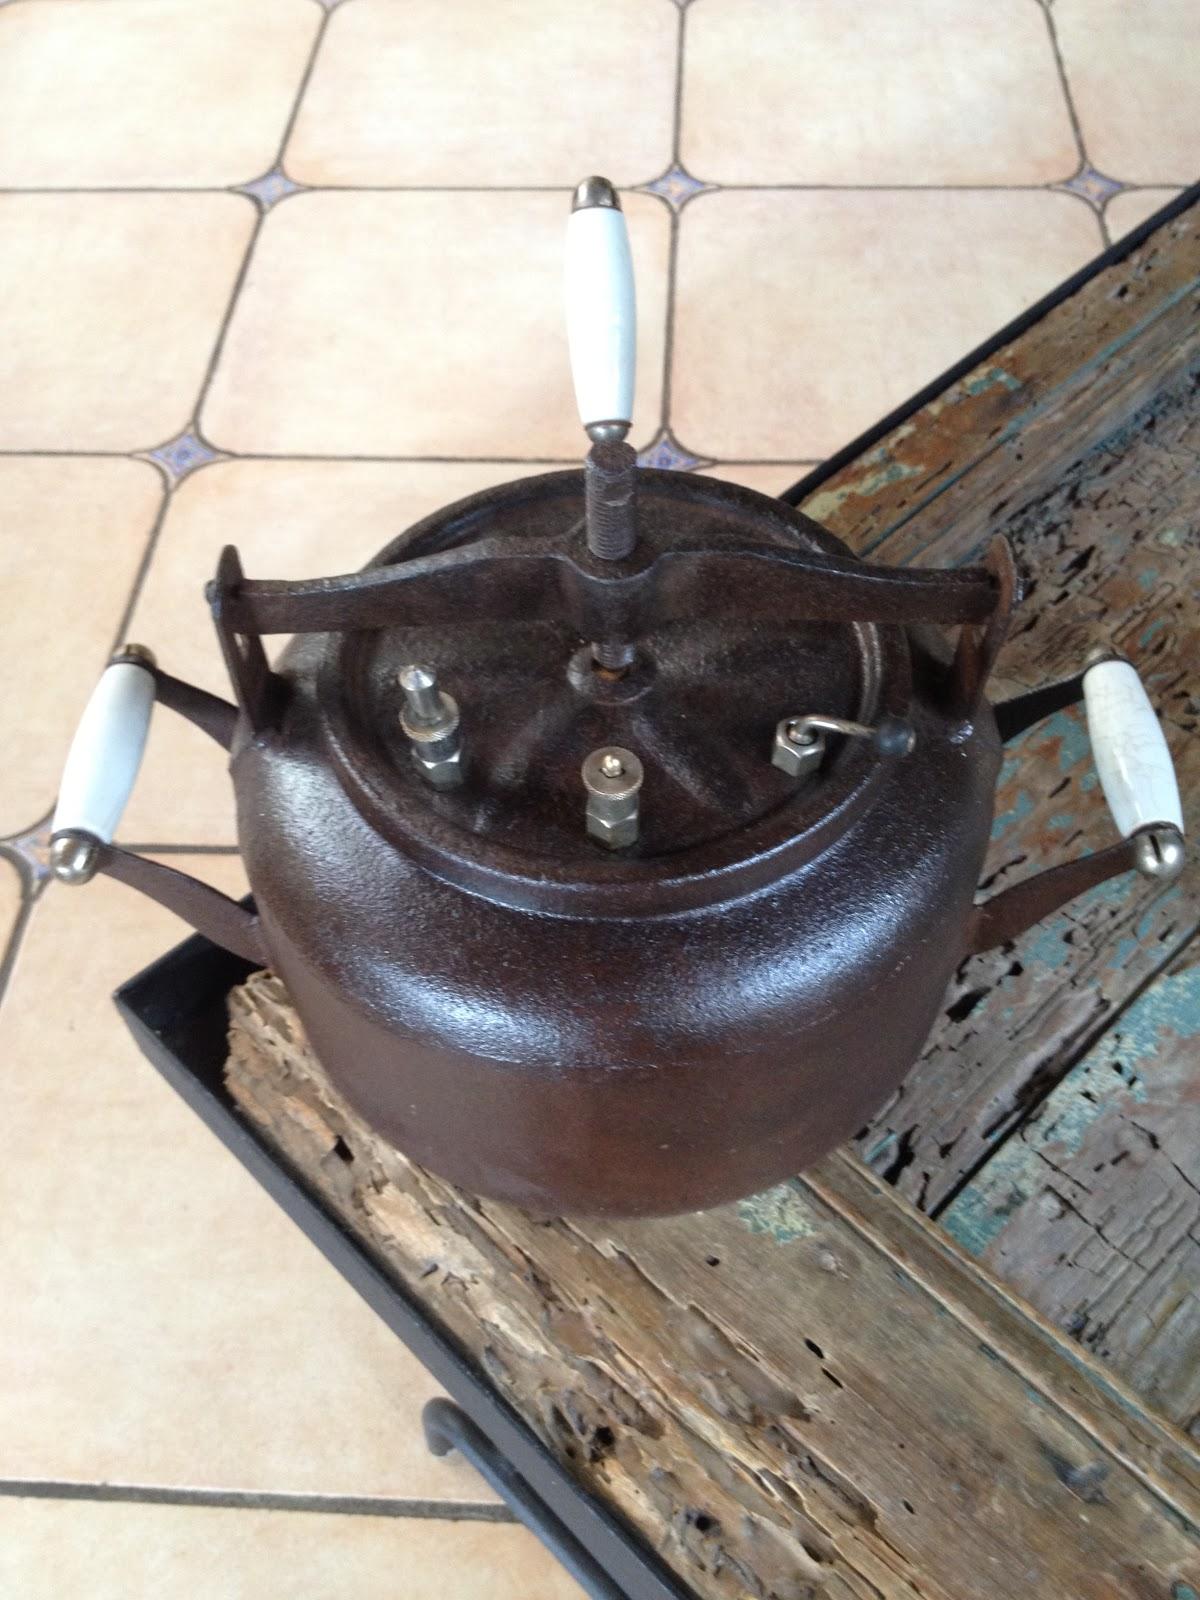 Pepper pan olla express antigua necesito vuestra ayuda - Como cocer garbanzos en olla express ...